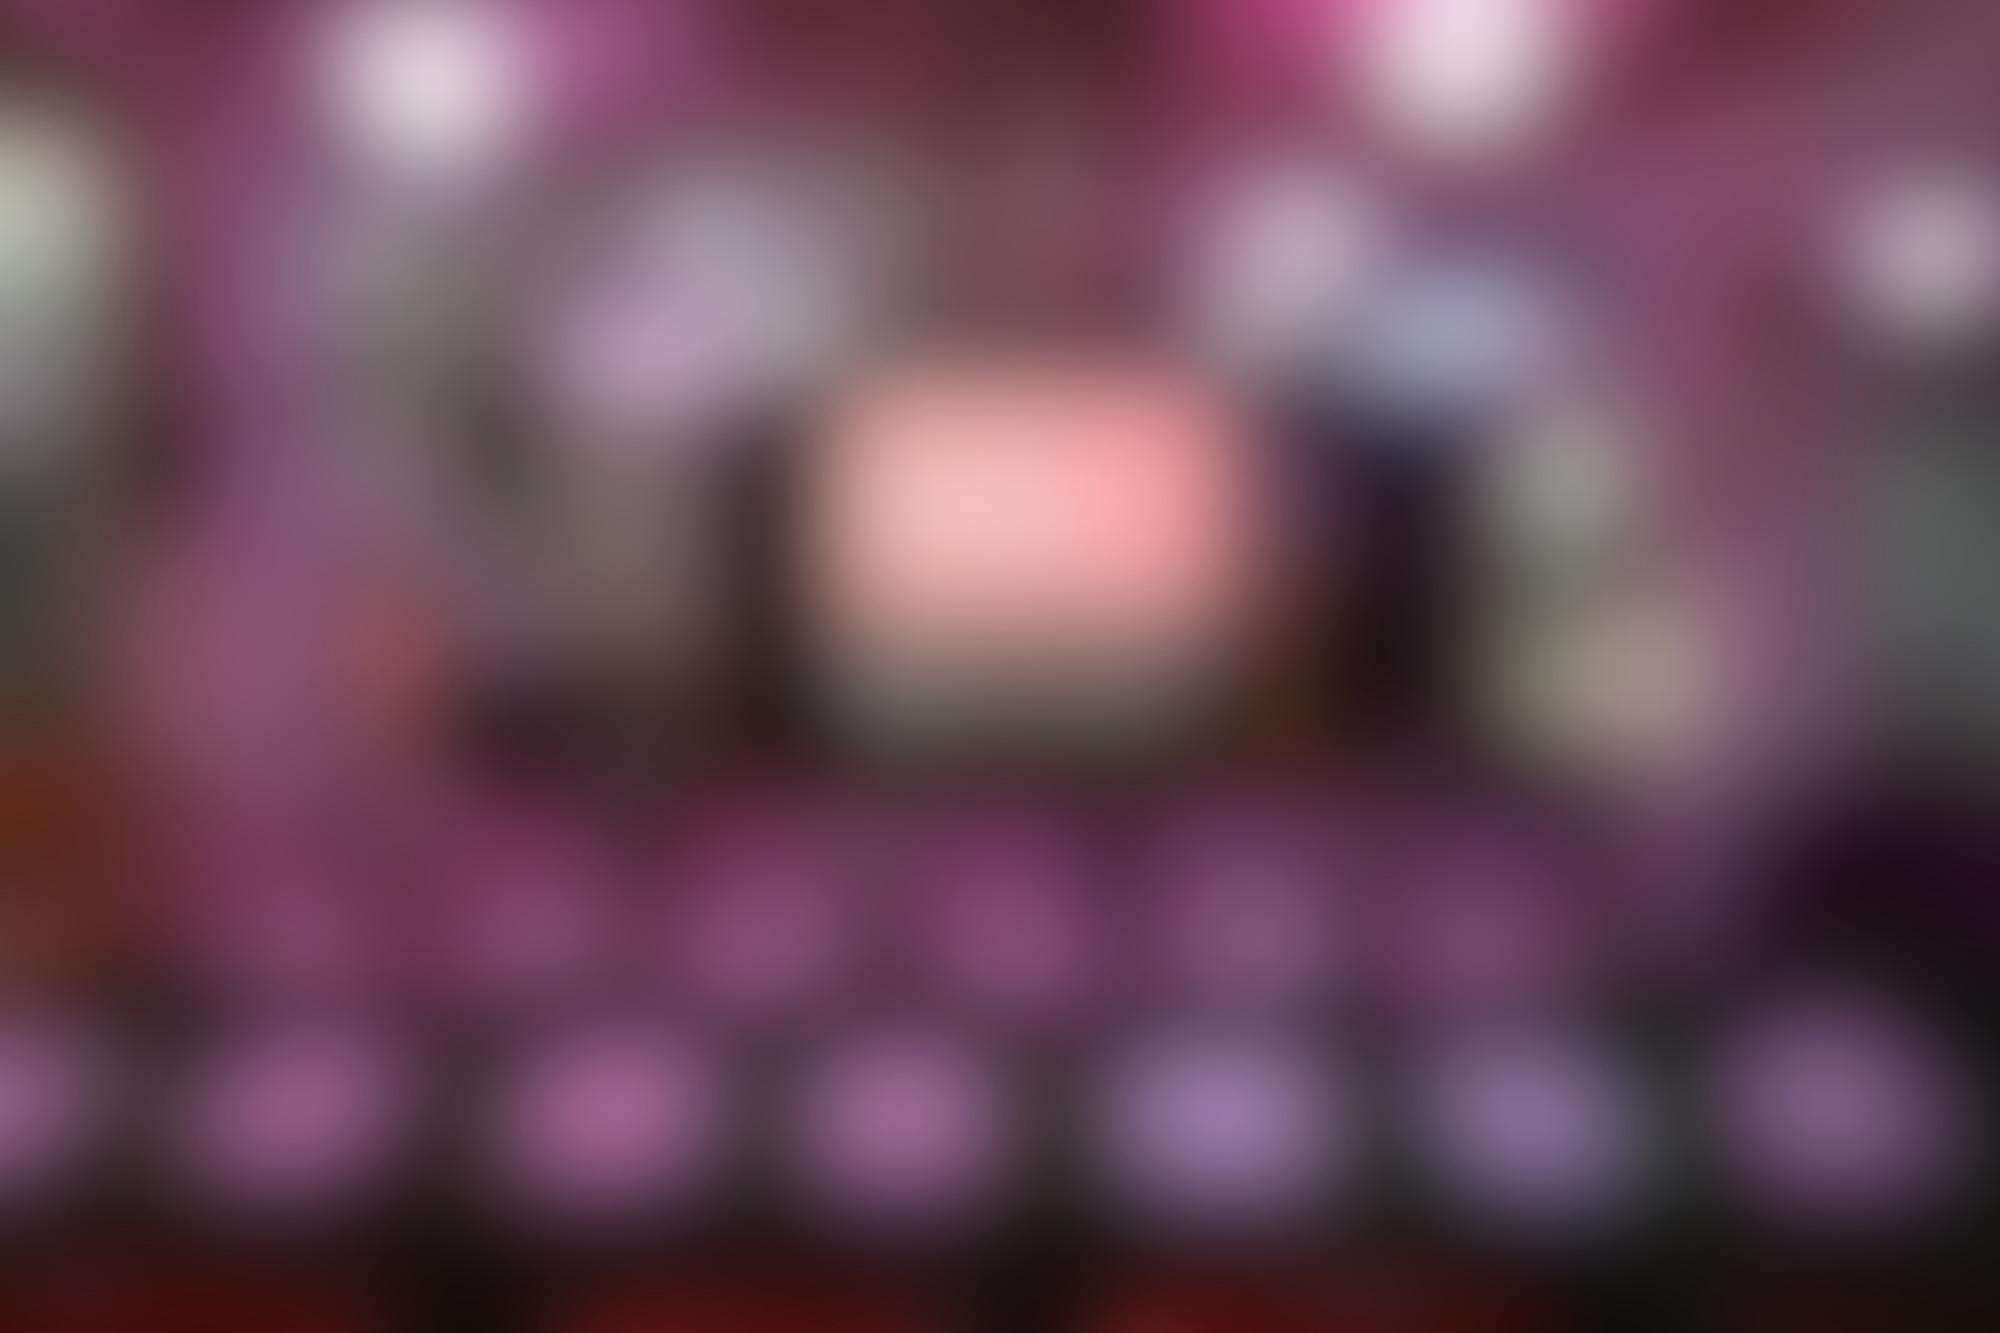 PHOTO 2018 09 20 16 33 13 autocompressfitresizeixlibphp 1 1 0max h2000max w3 D2000q80s286fee2d8a7a05c2ddf160464d73d07e